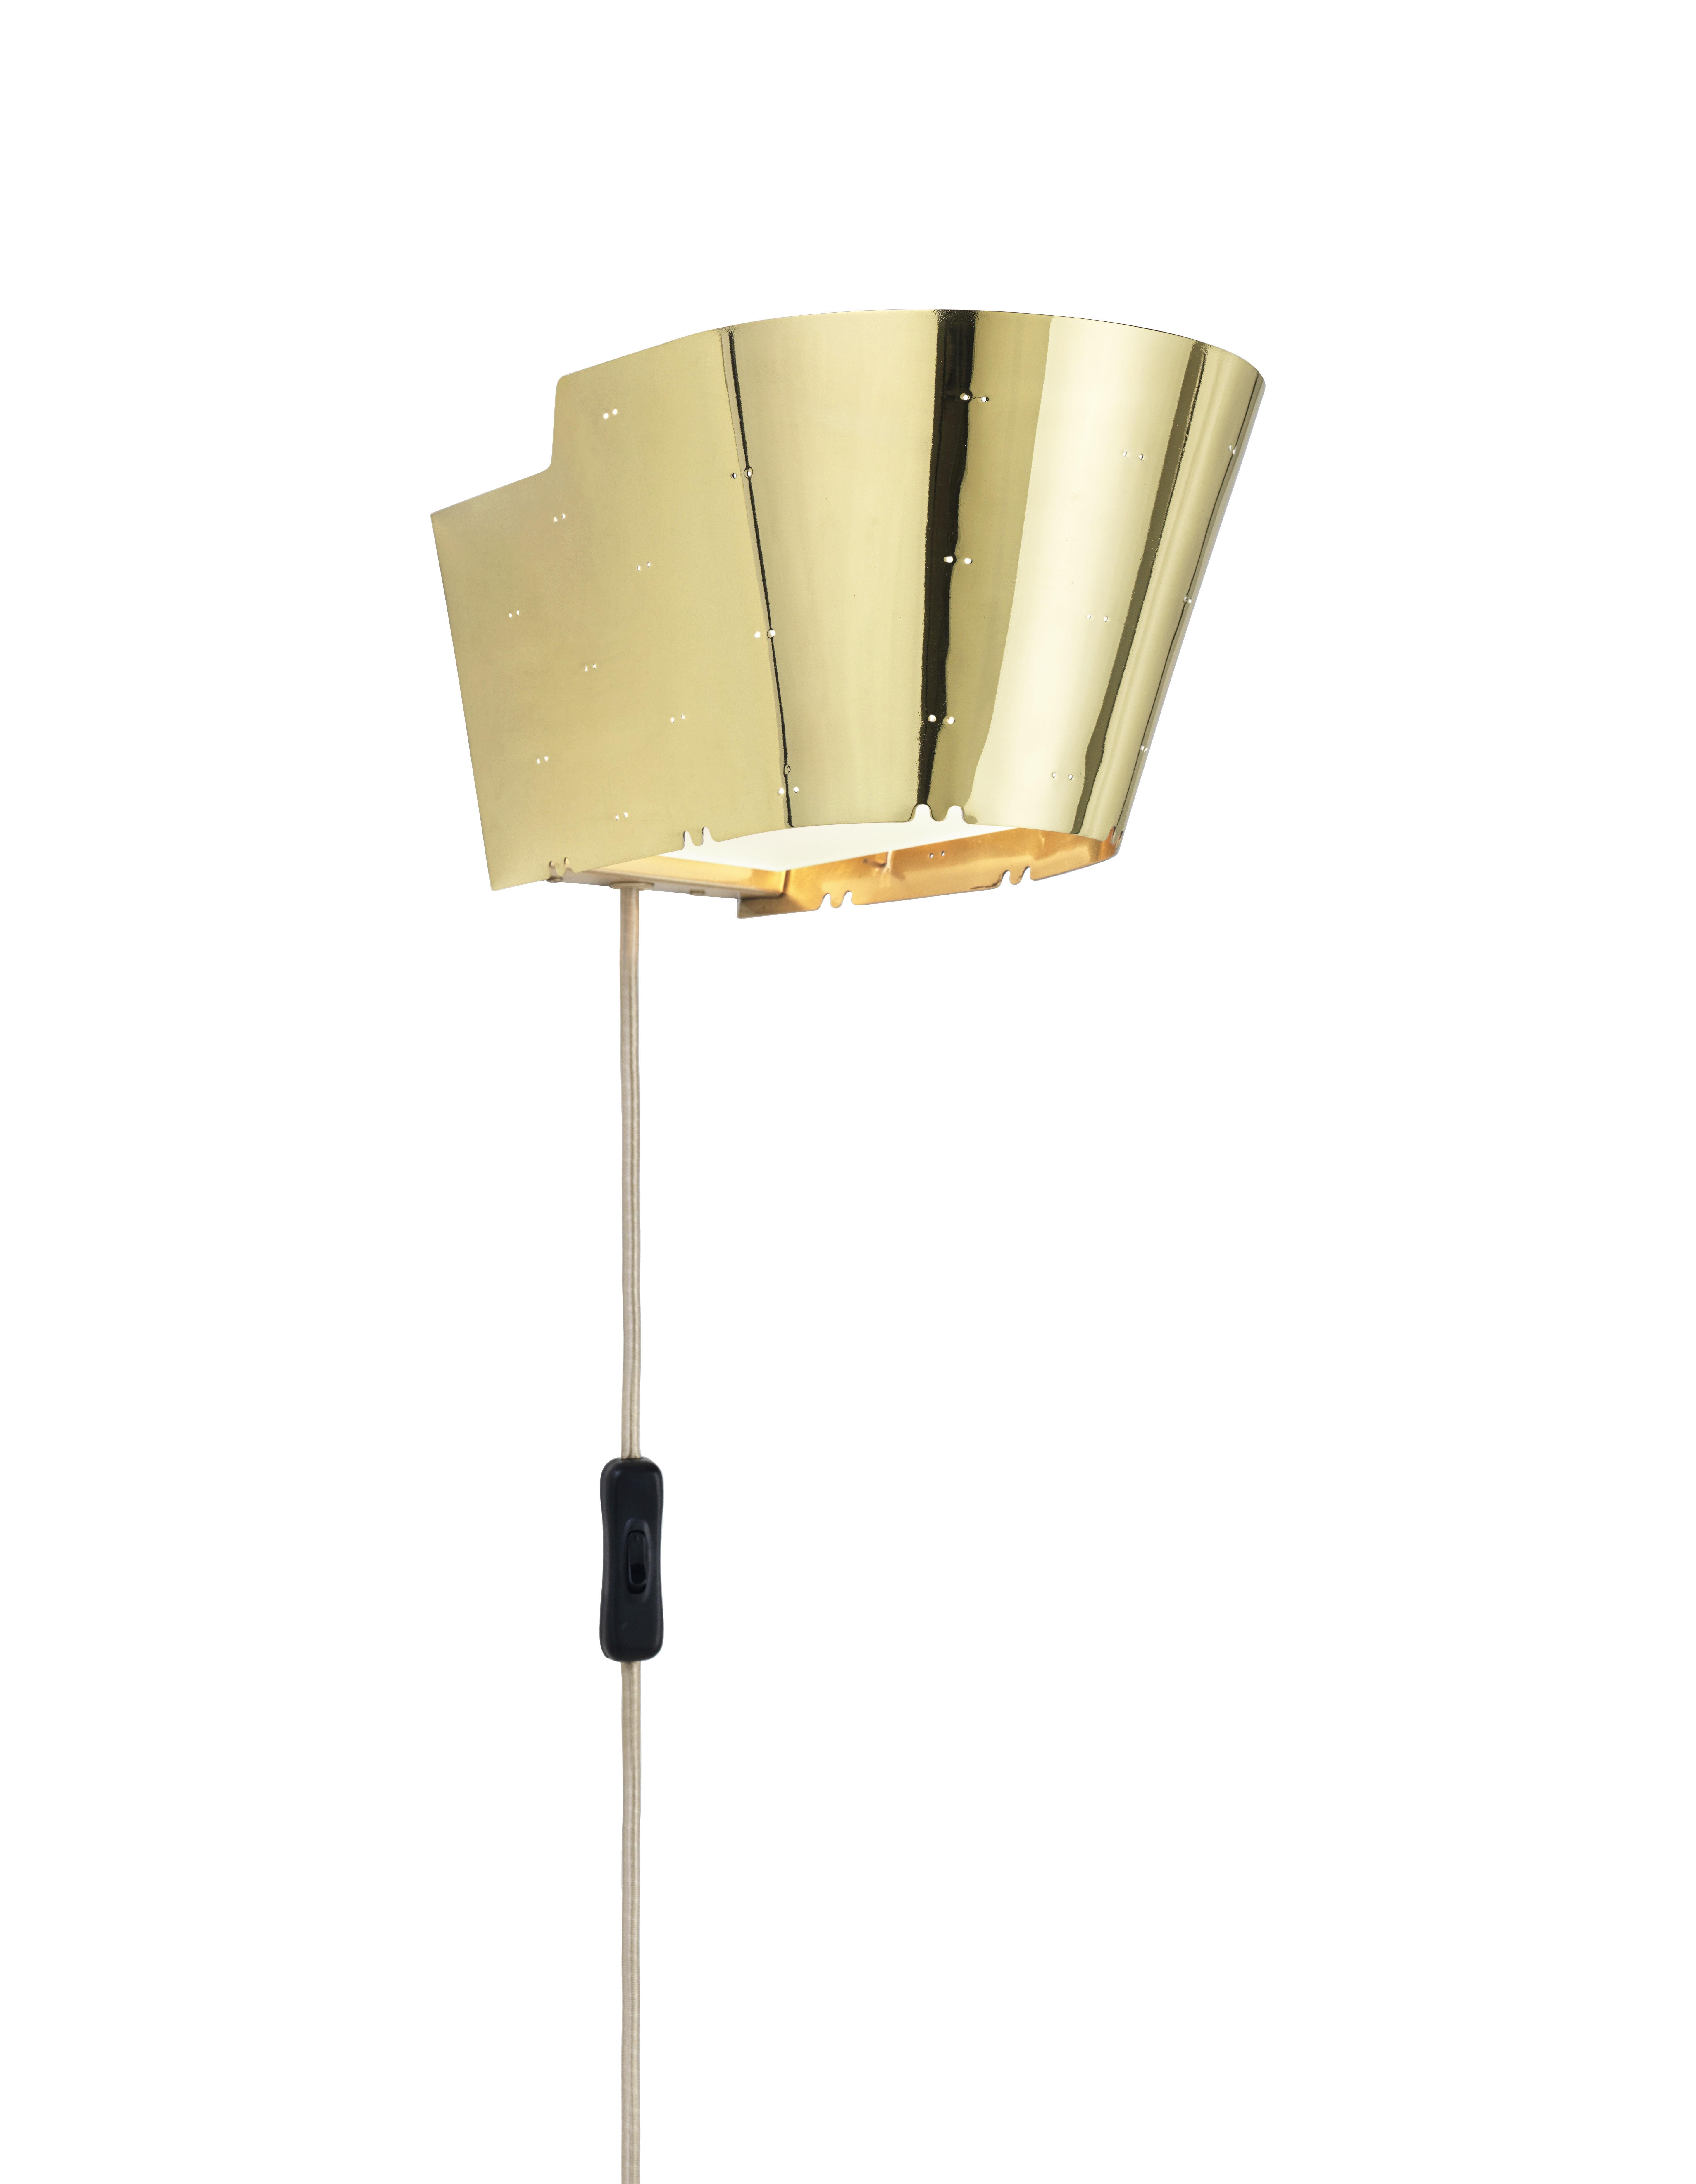 Luminaire - Appliques - Applique avec prise 9464 / Réédition 1947 - Gubi - Laiton poli - Laiton poli perforé